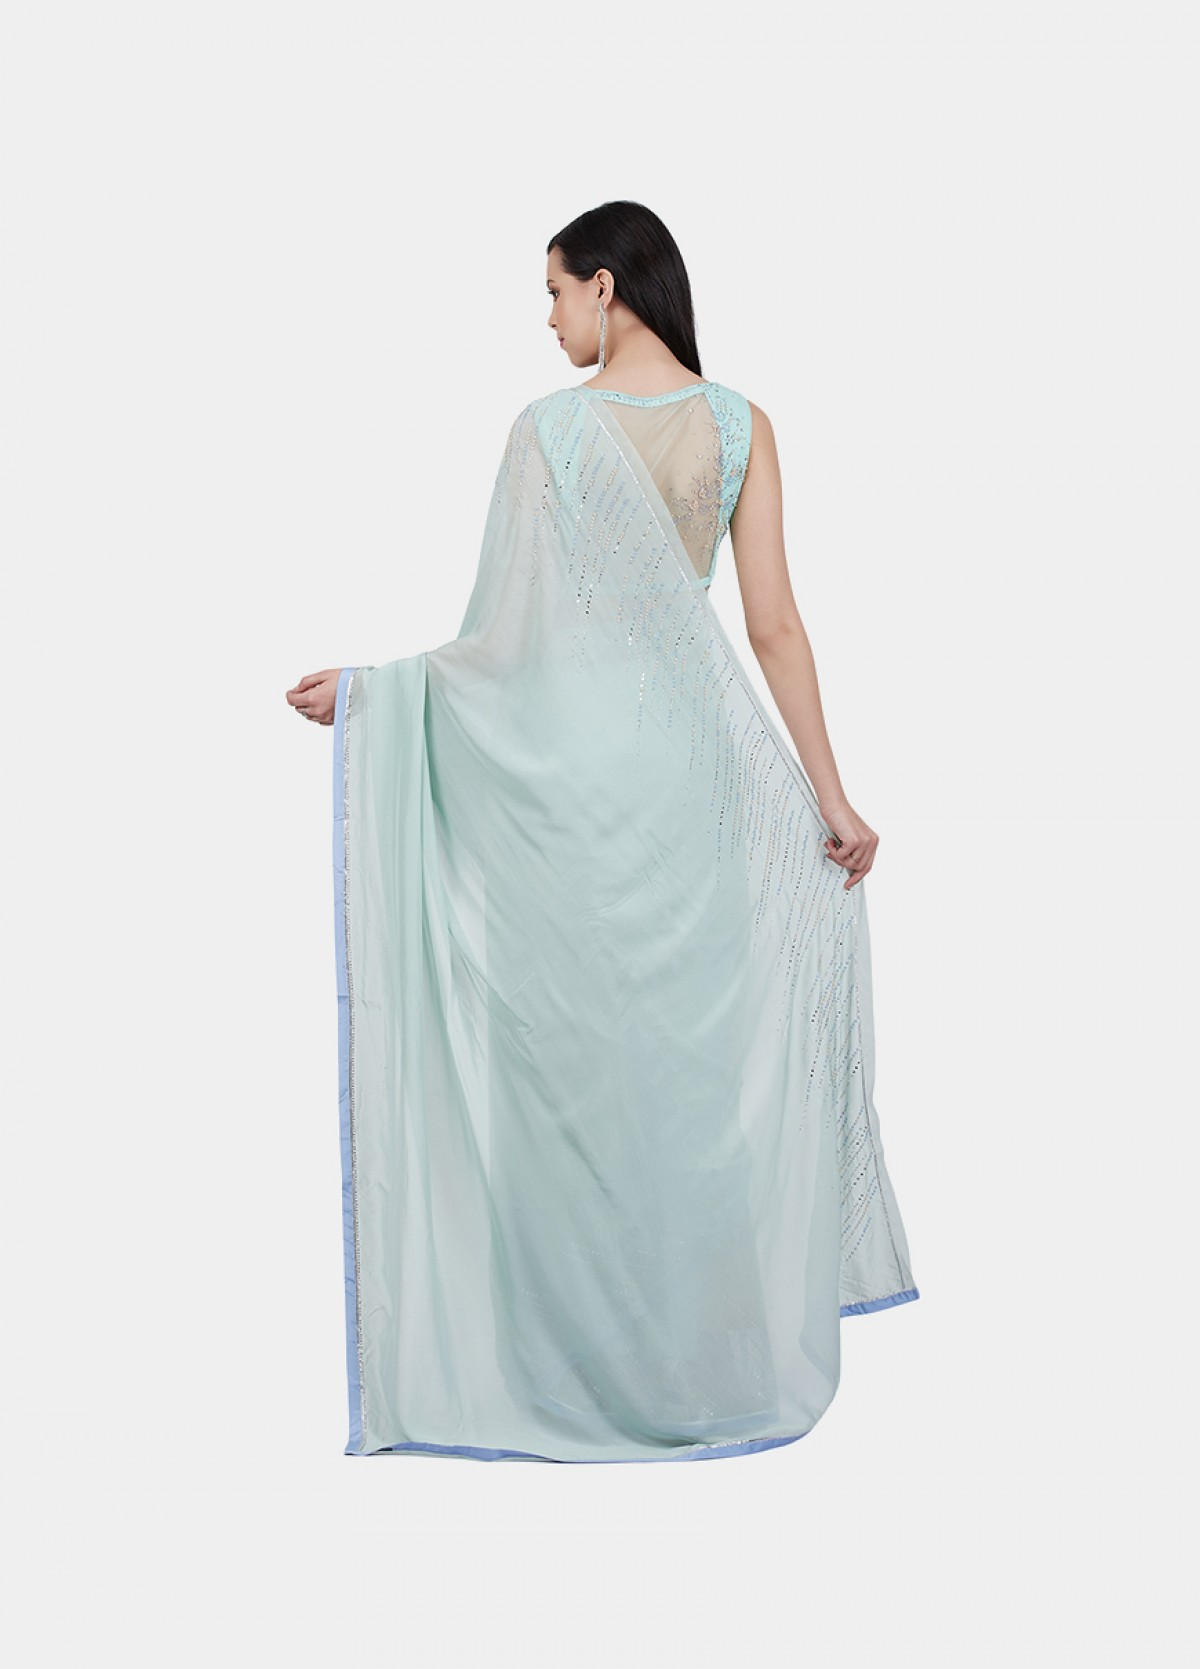 The Pearl Drops Sari